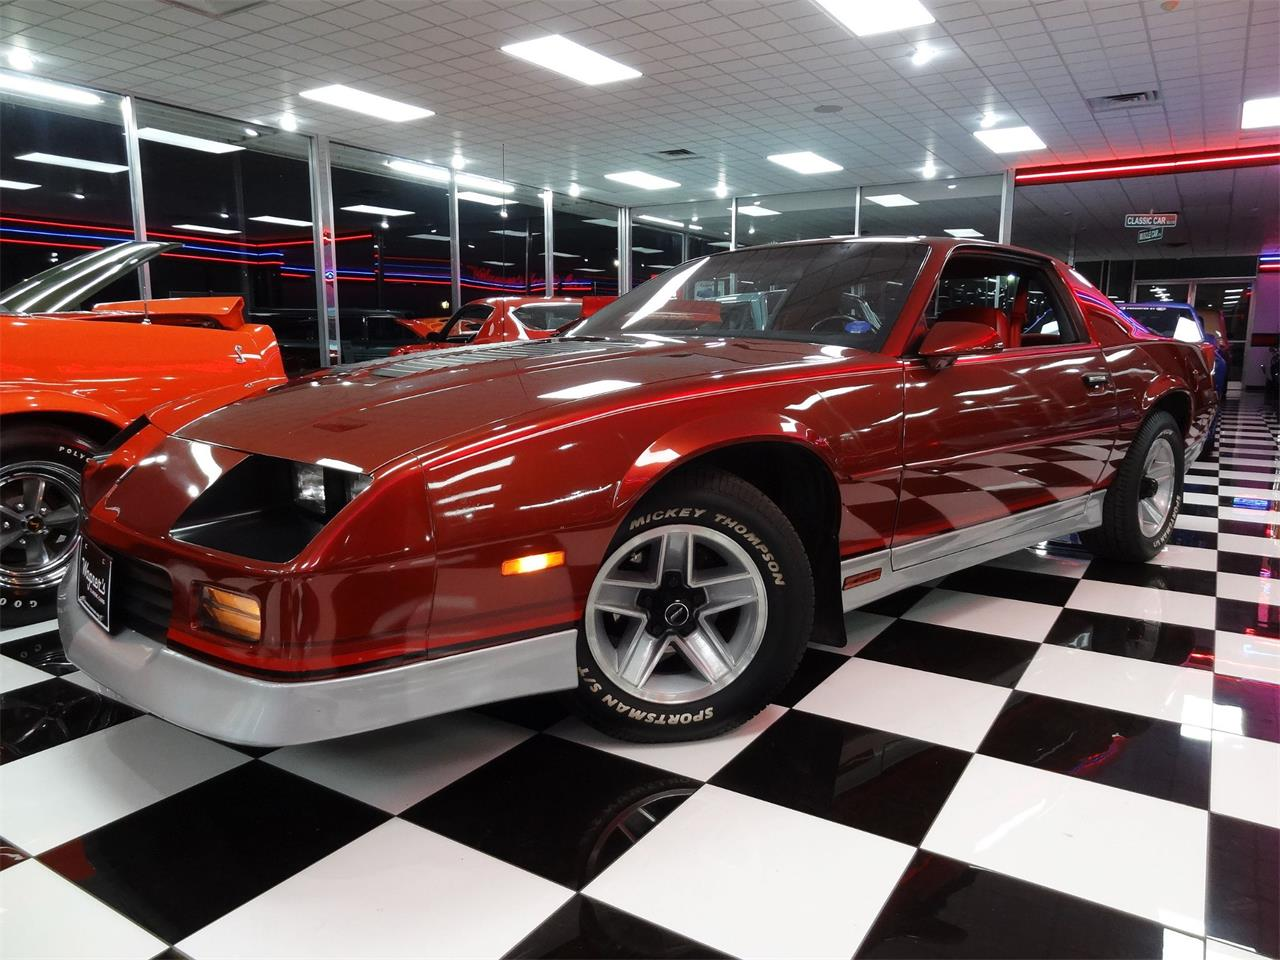 1986 Chevrolet Camaro Z28 (CC-1419745) for sale in Bonner Springs, Kansas